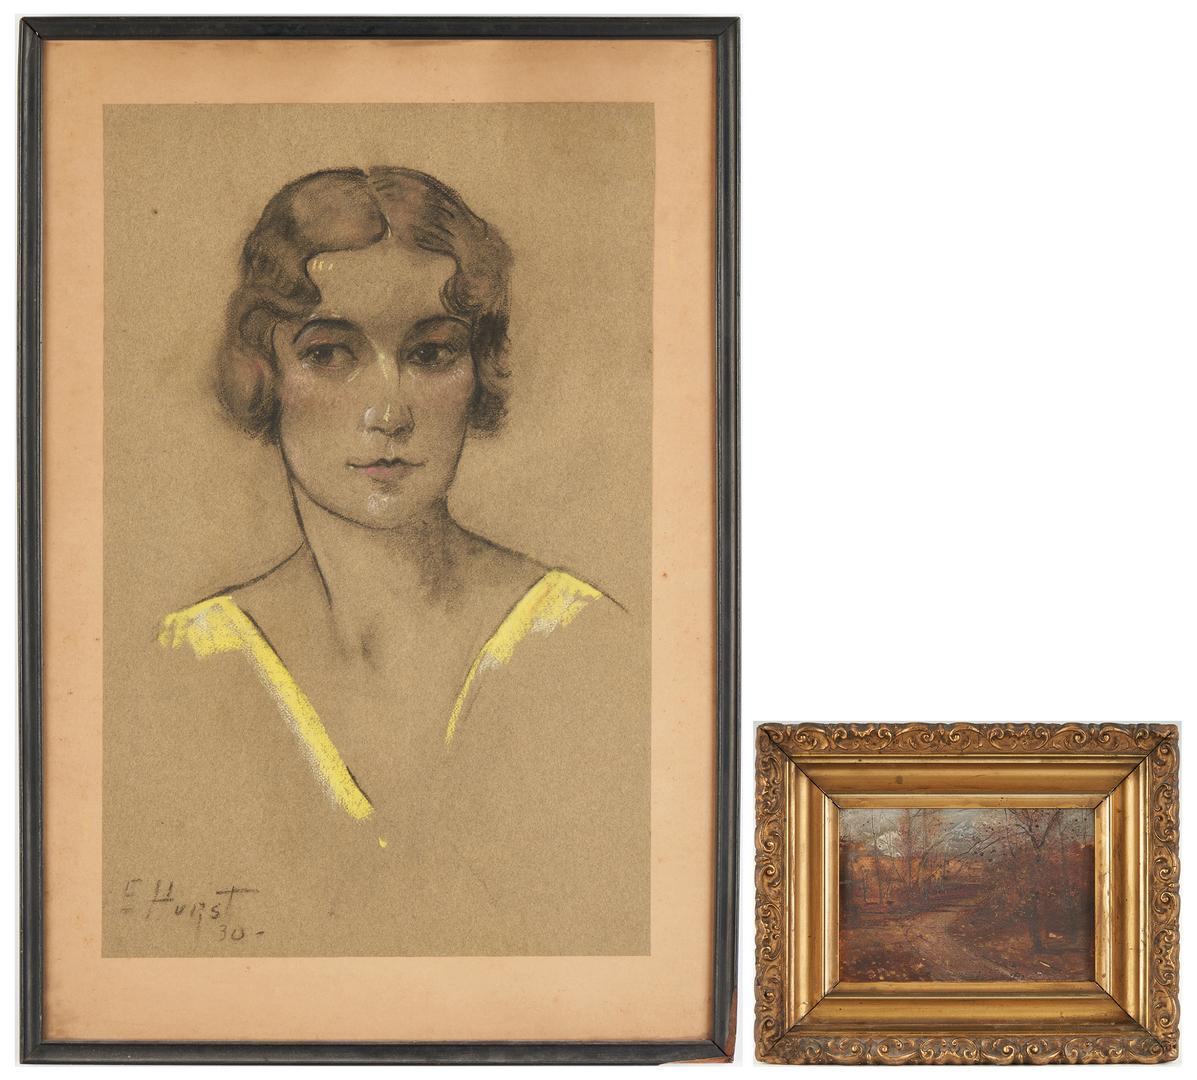 Lot 180: L. Branson Oil Landscape & E. Hurst Pastel Portrait